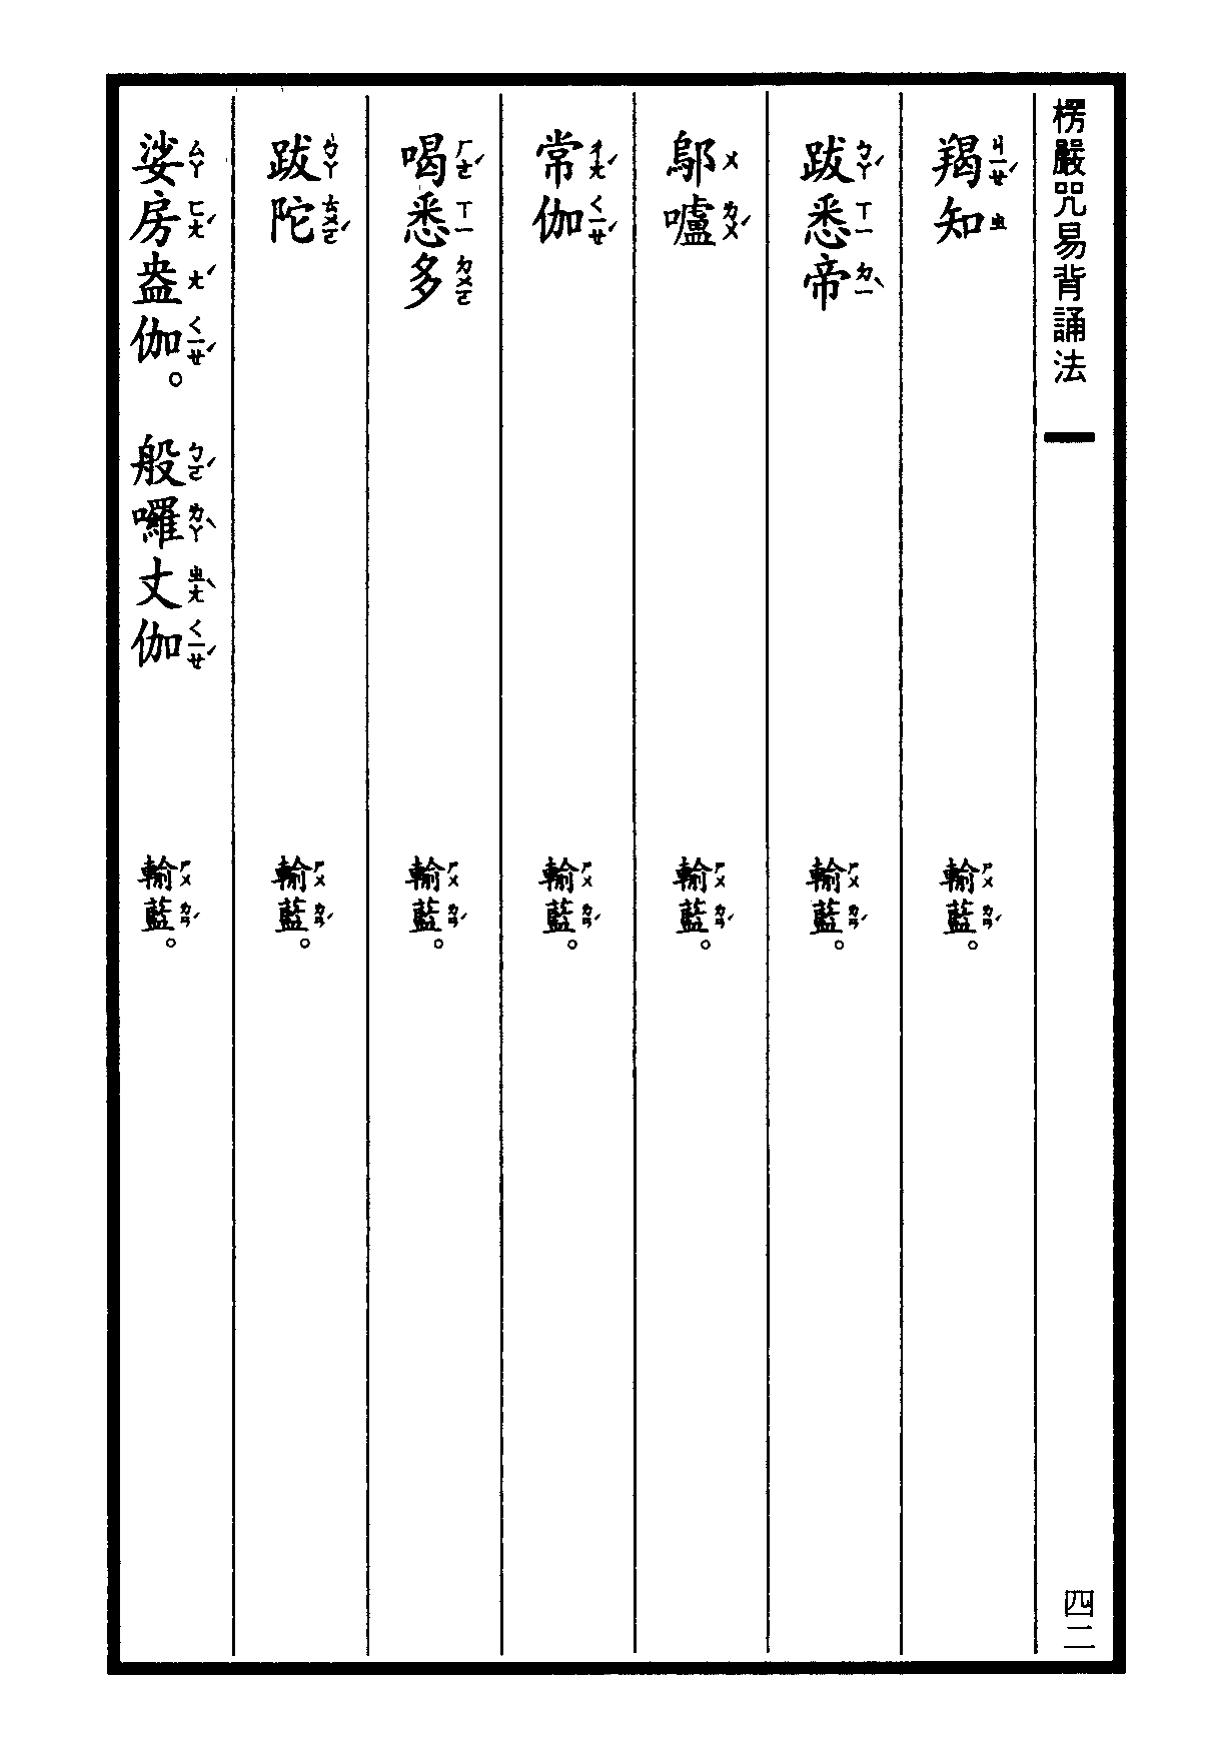 楞嚴咒-大悲咒-十小咒-易背本 48.png